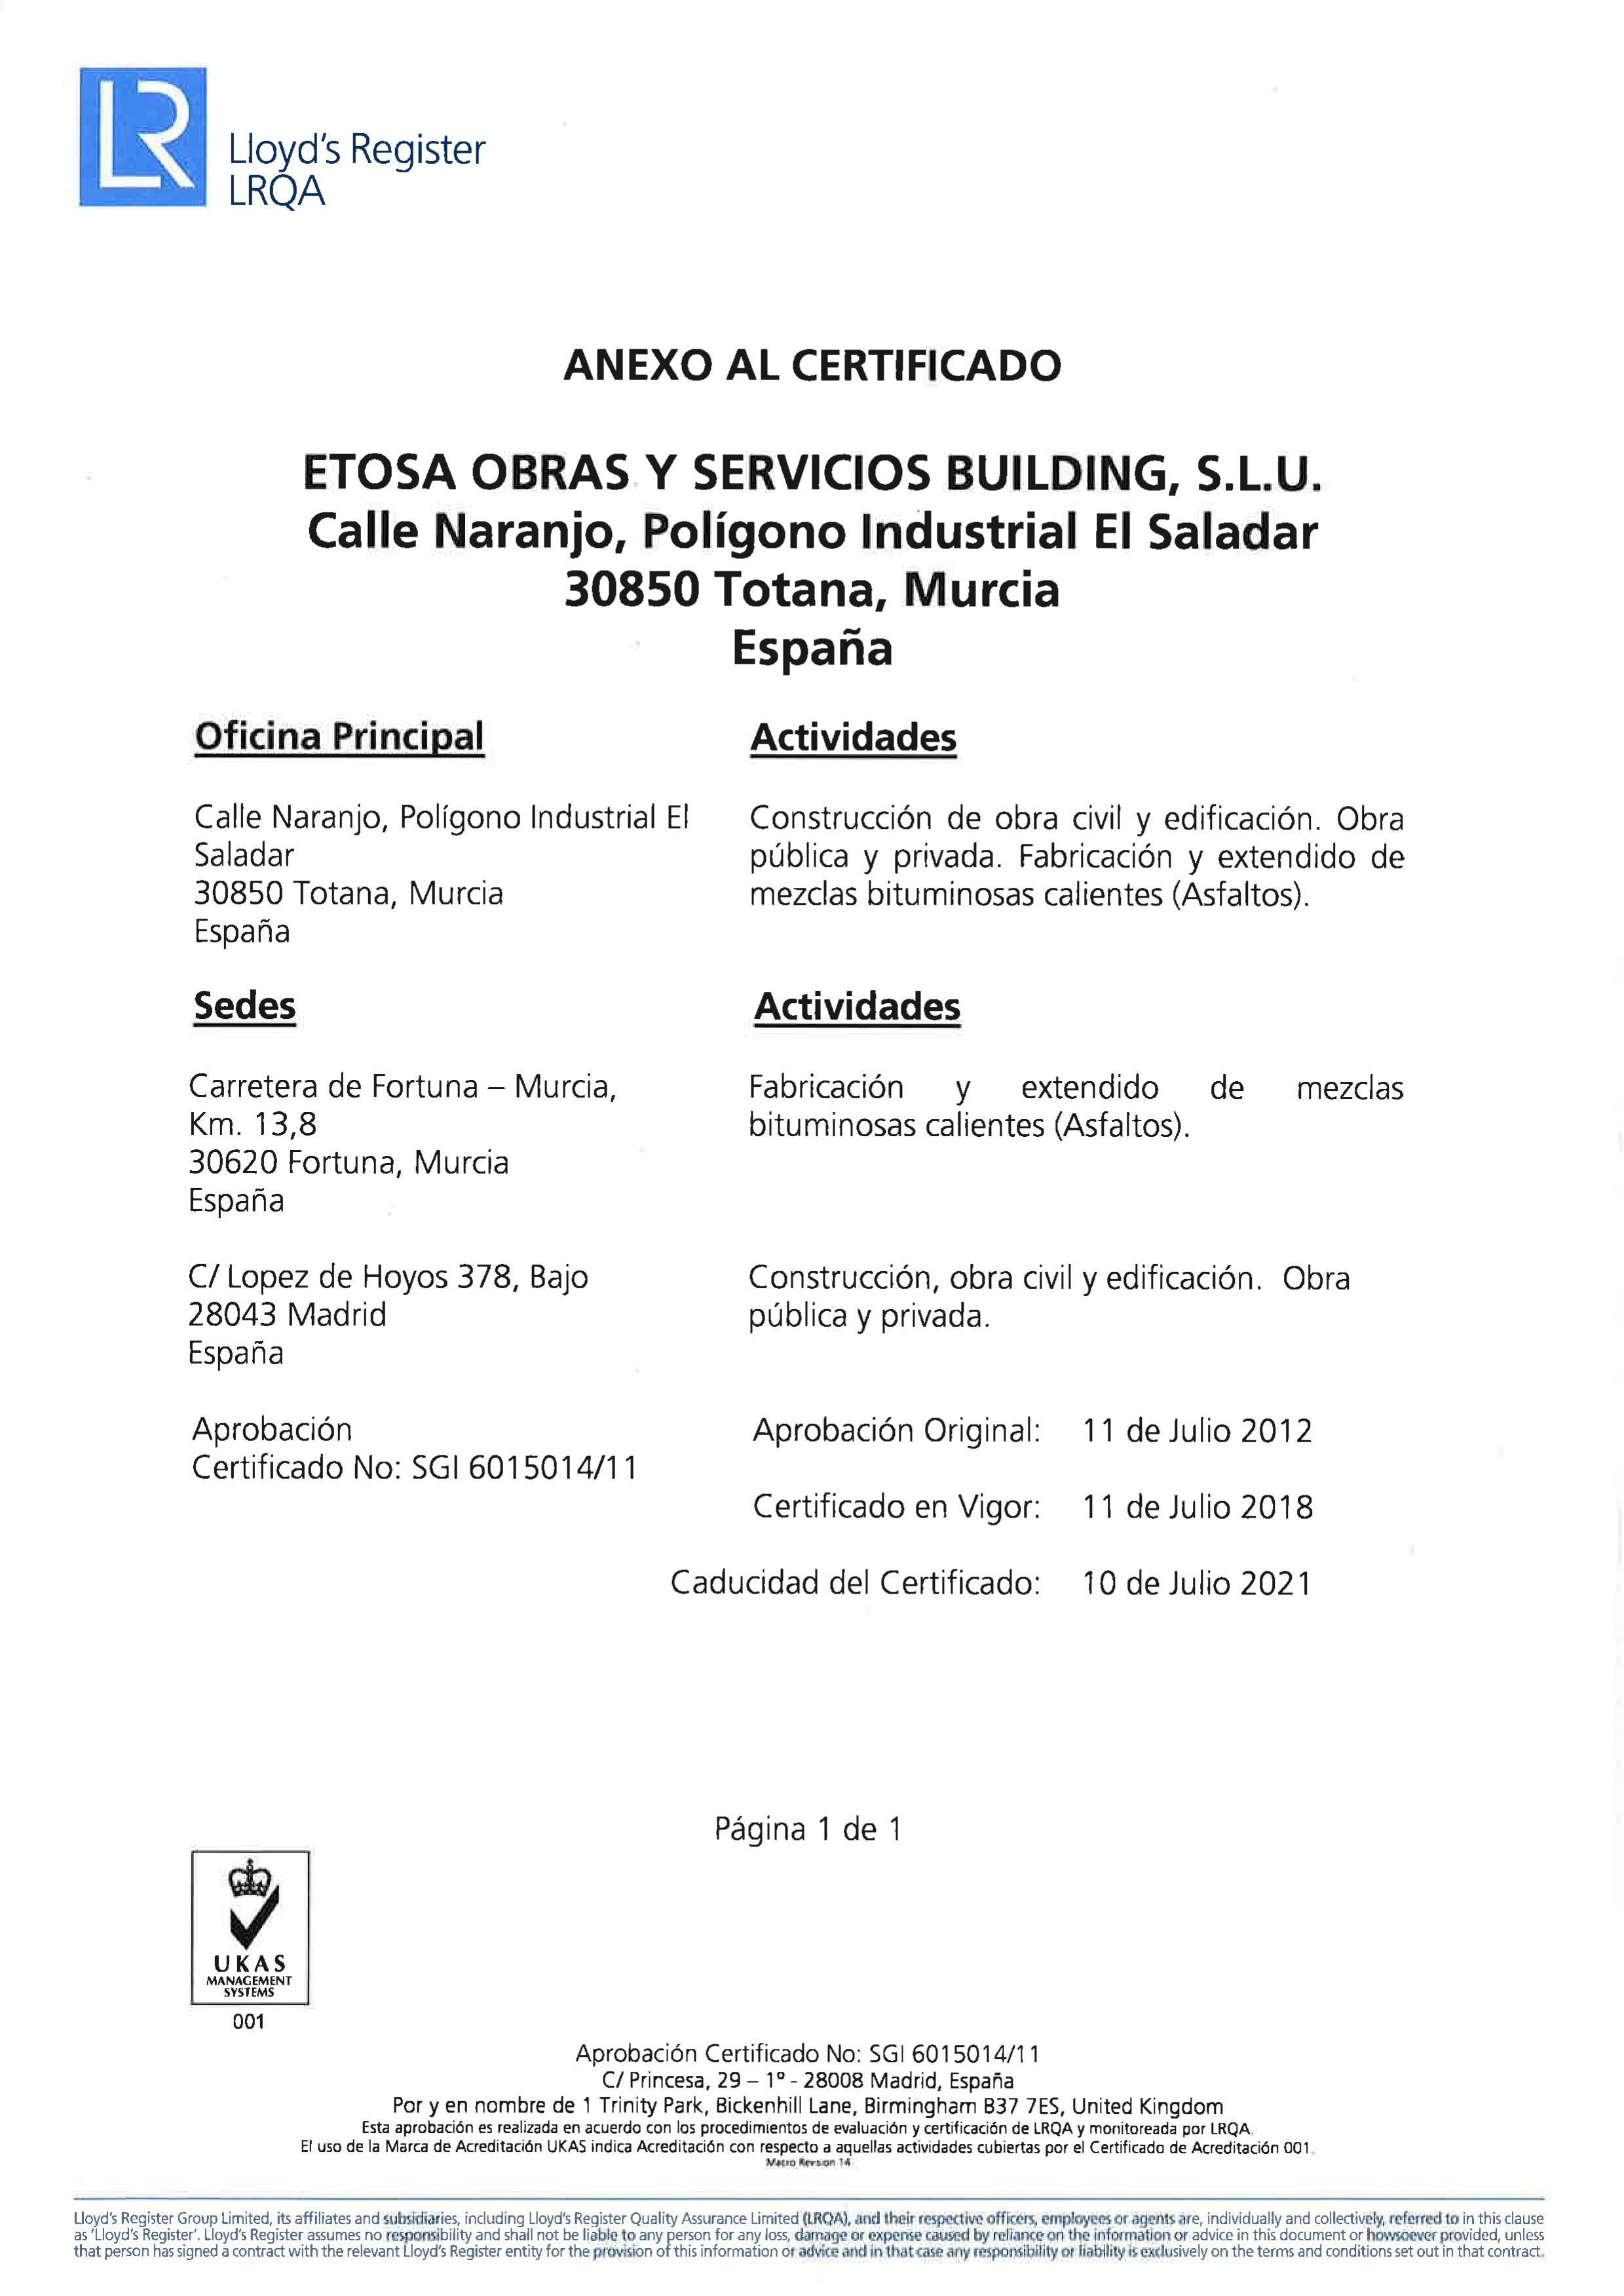 certificados calidad y medio ambiente_002.jpg